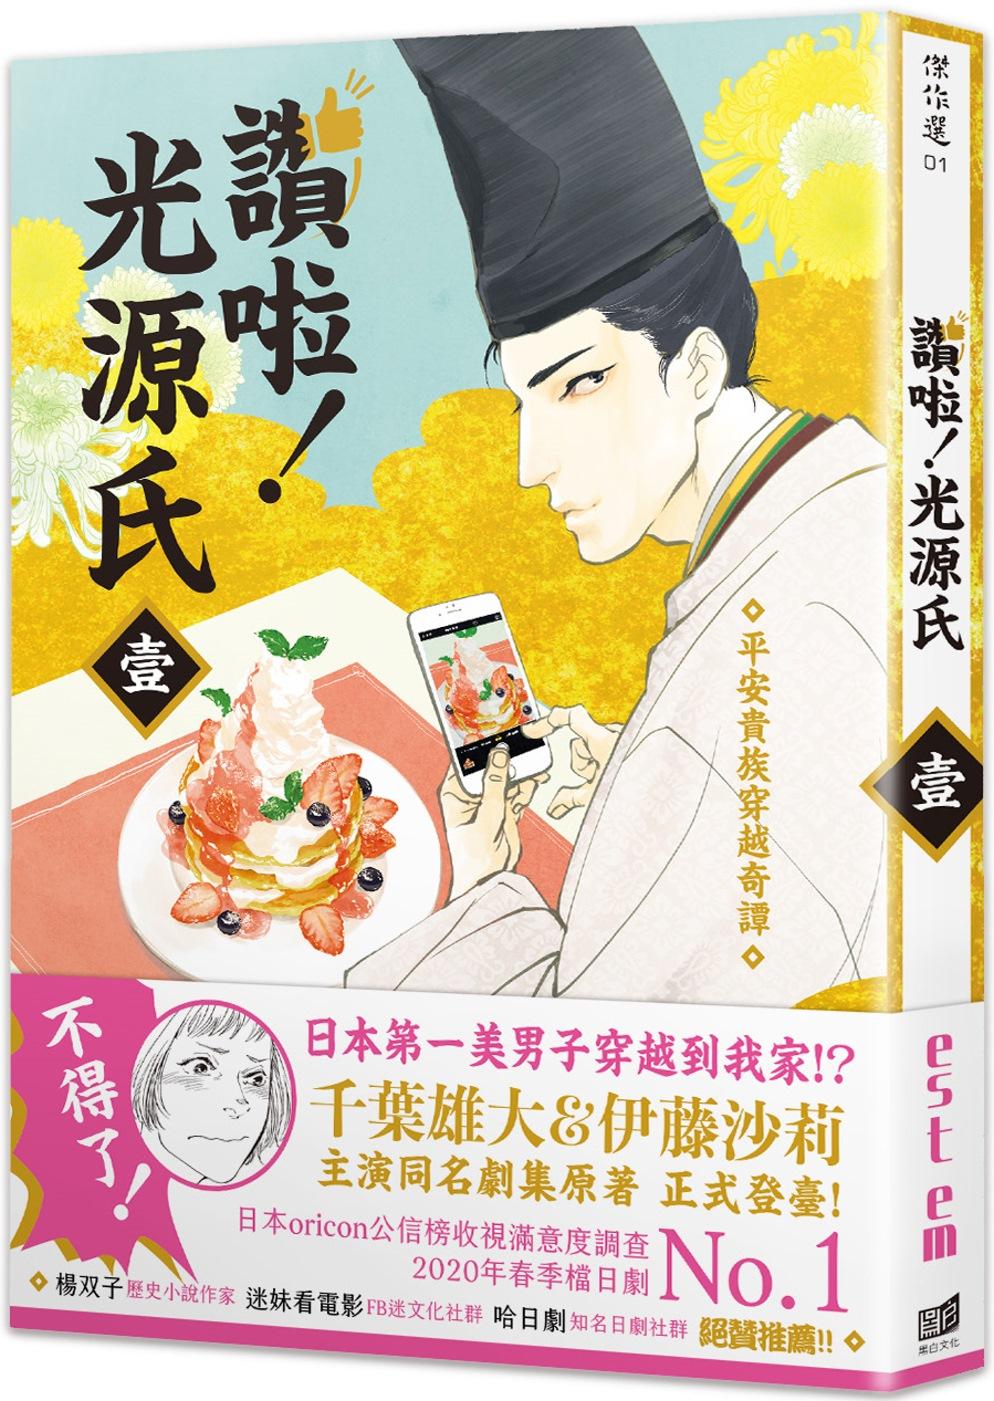 讚啦!光源氏(1) 平安貴族穿越奇譚